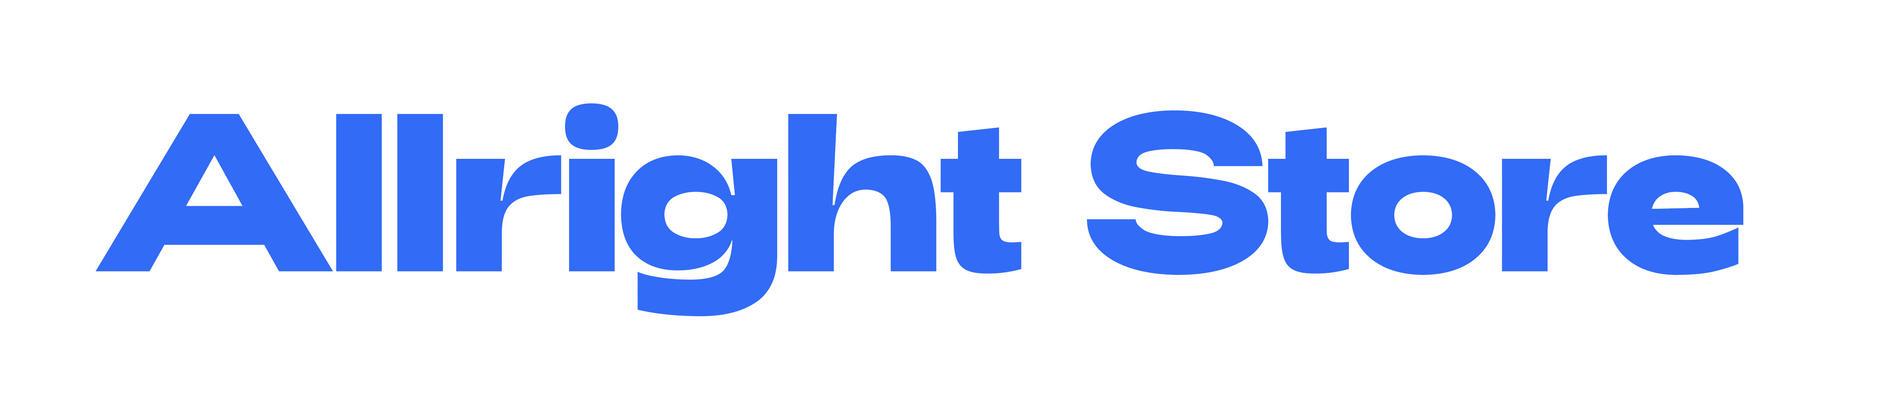 Allright Store